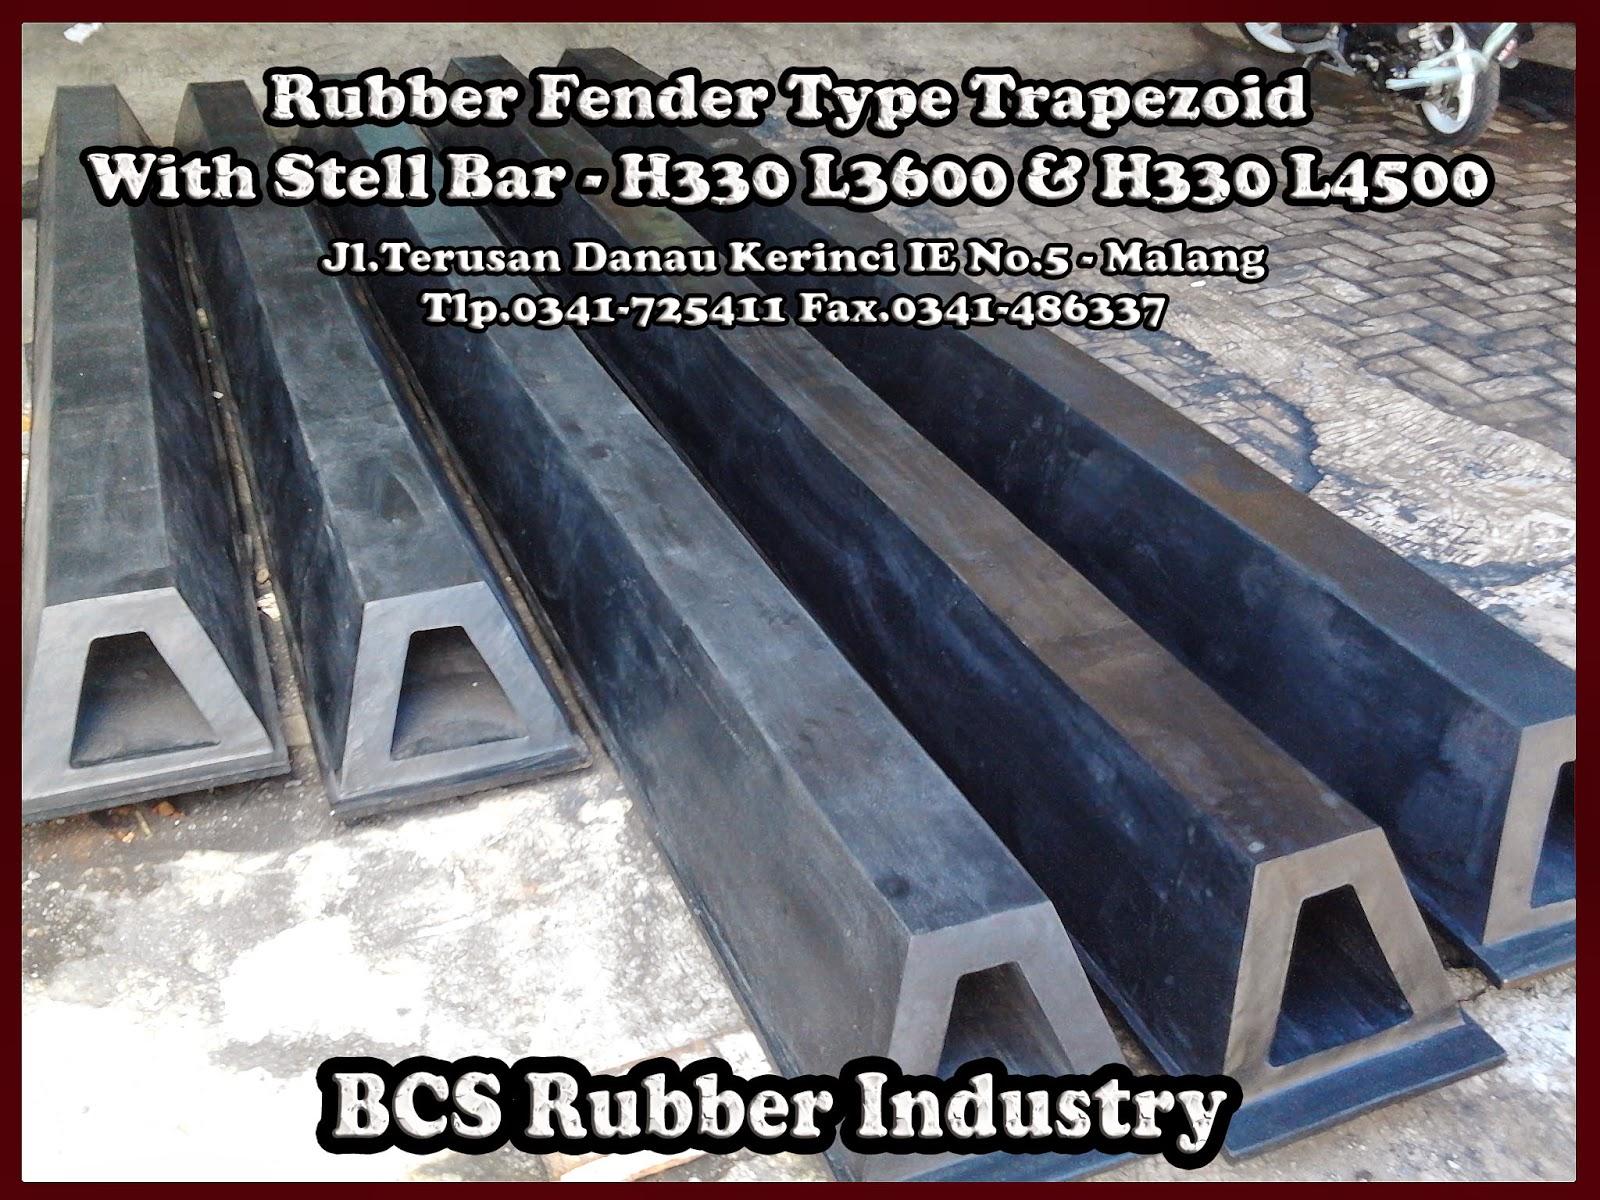 Rubber Fender Type Trapezoid , Rubber Fender ,Rubber fender